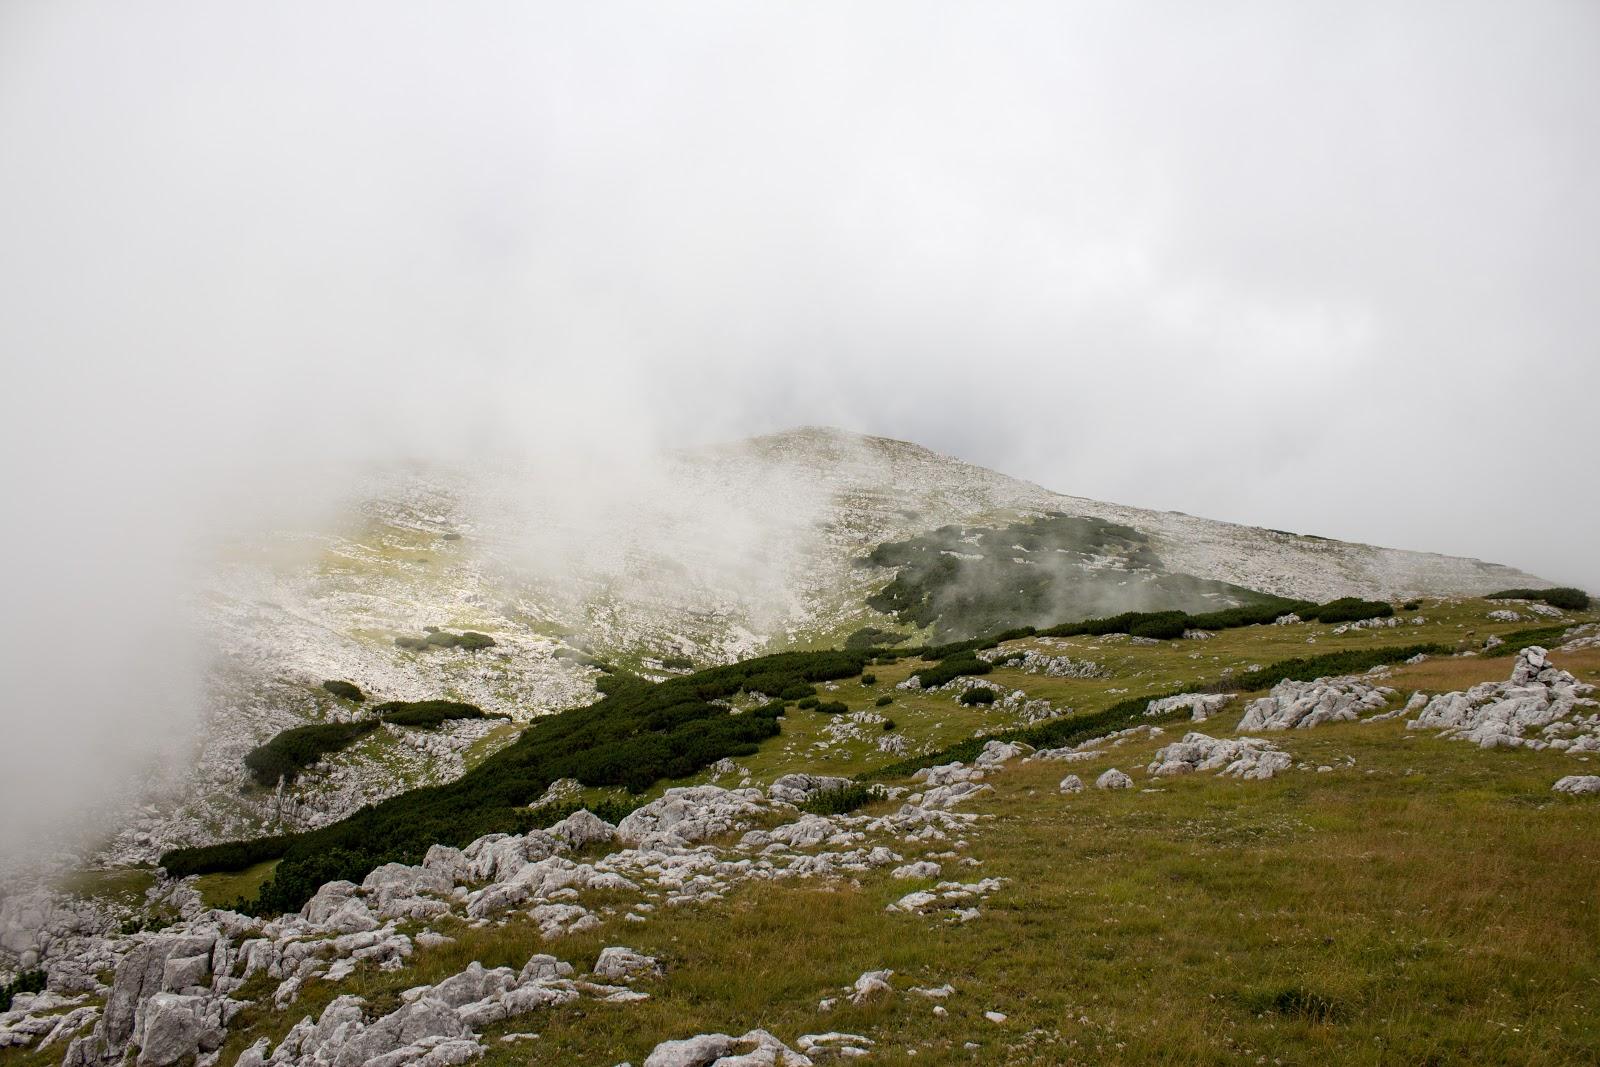 Wanderung von der Hintereggeralm bei Liezen zum Nazogl, Angerkogel und Kosennspitz. - Nazogl im Nebel